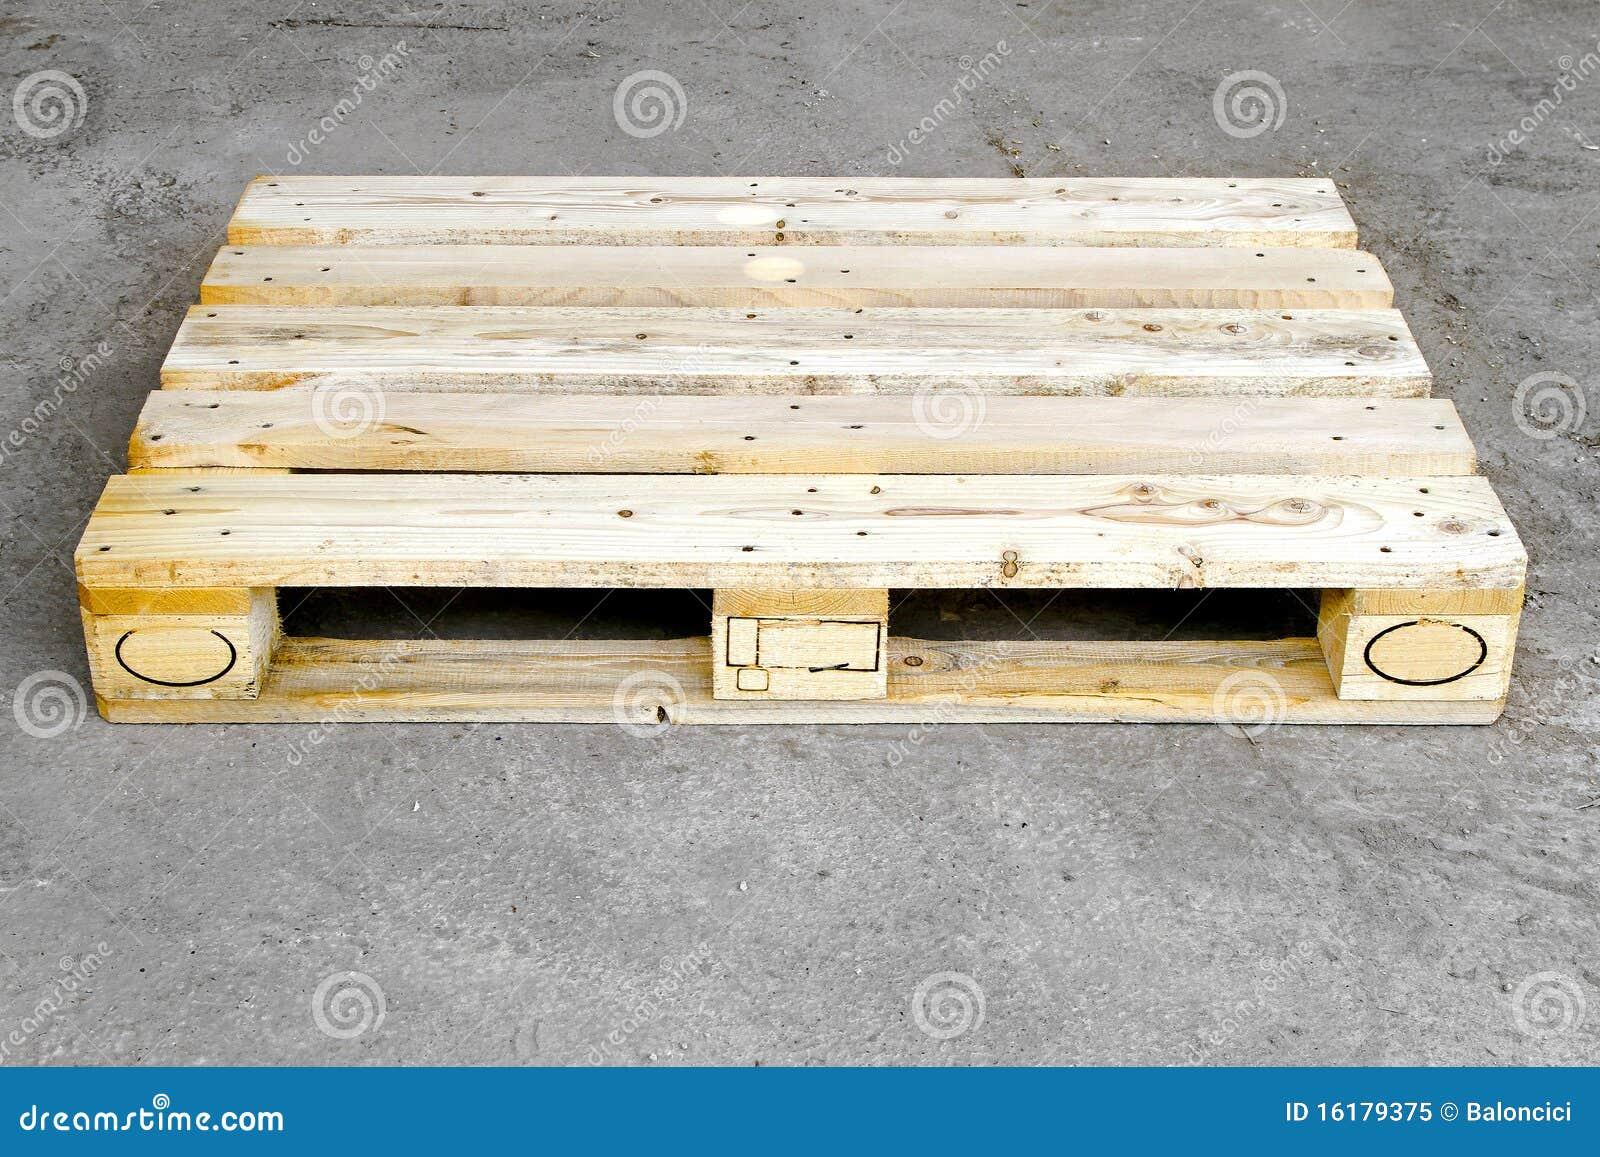 Houten pallet royalty vrije stock foto afbeelding 16179375 - Foto houten pallet ...